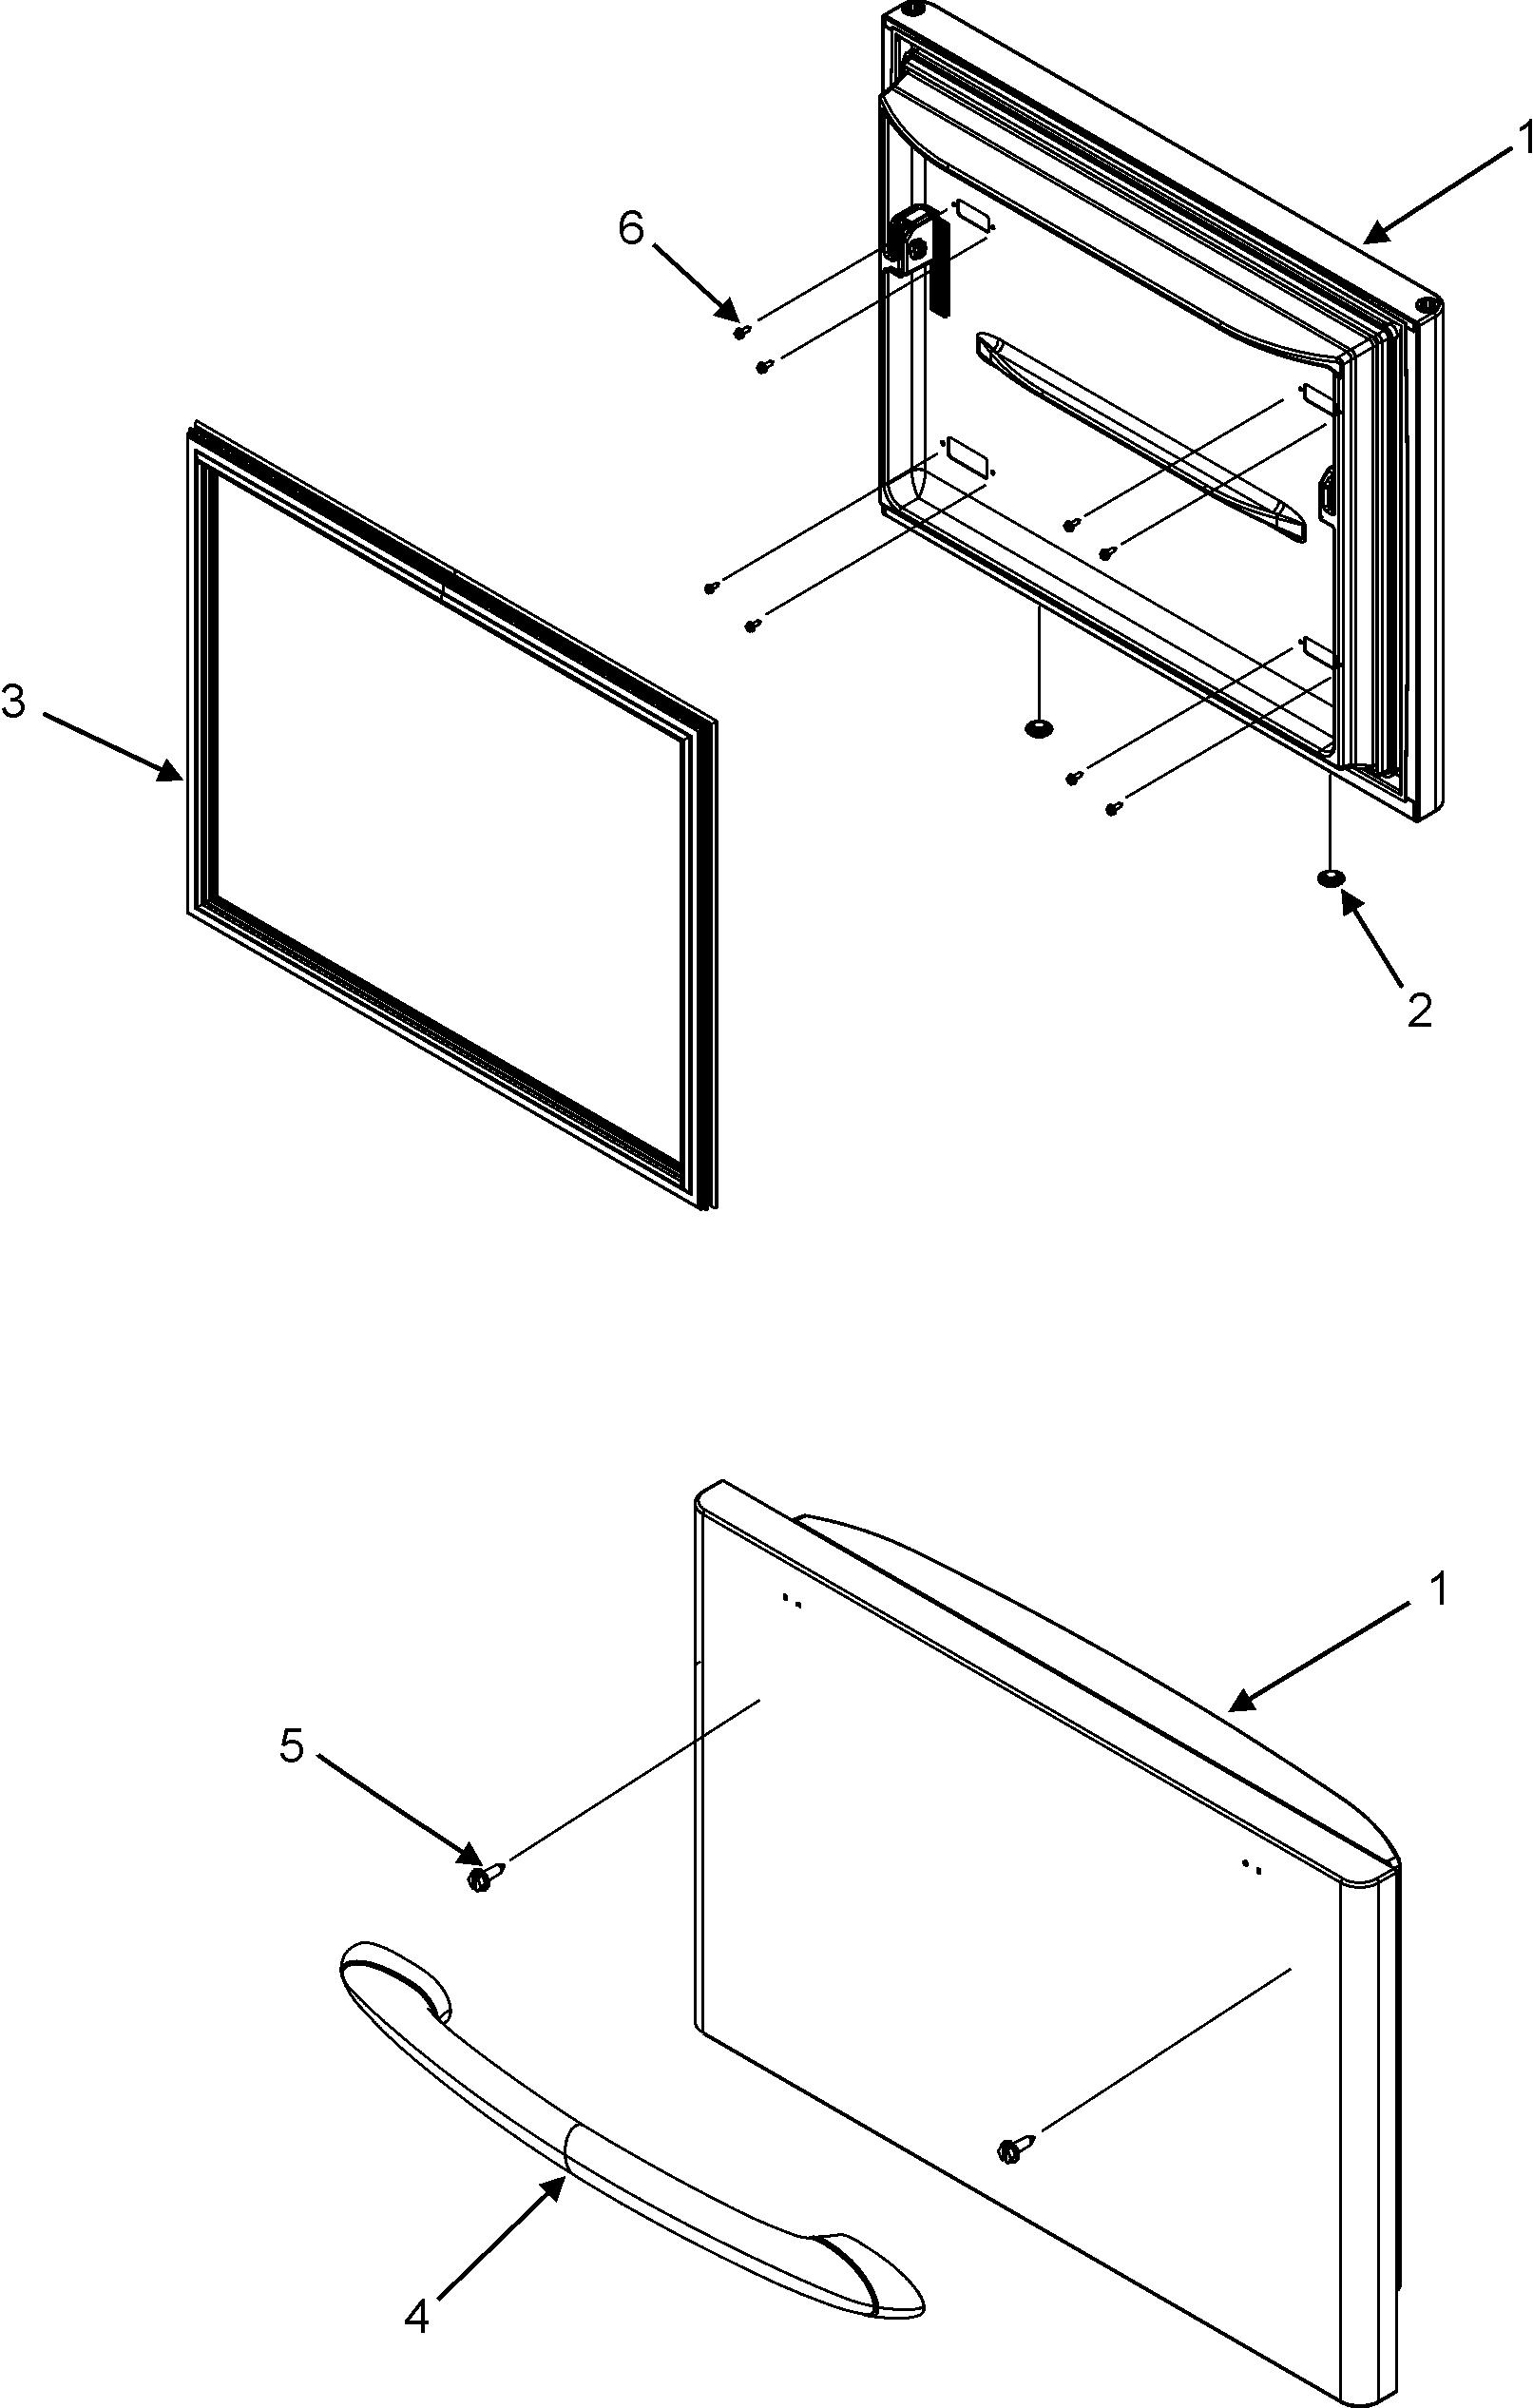 FREEZER DOOR Diagram & Parts List for Model mbf2256kew